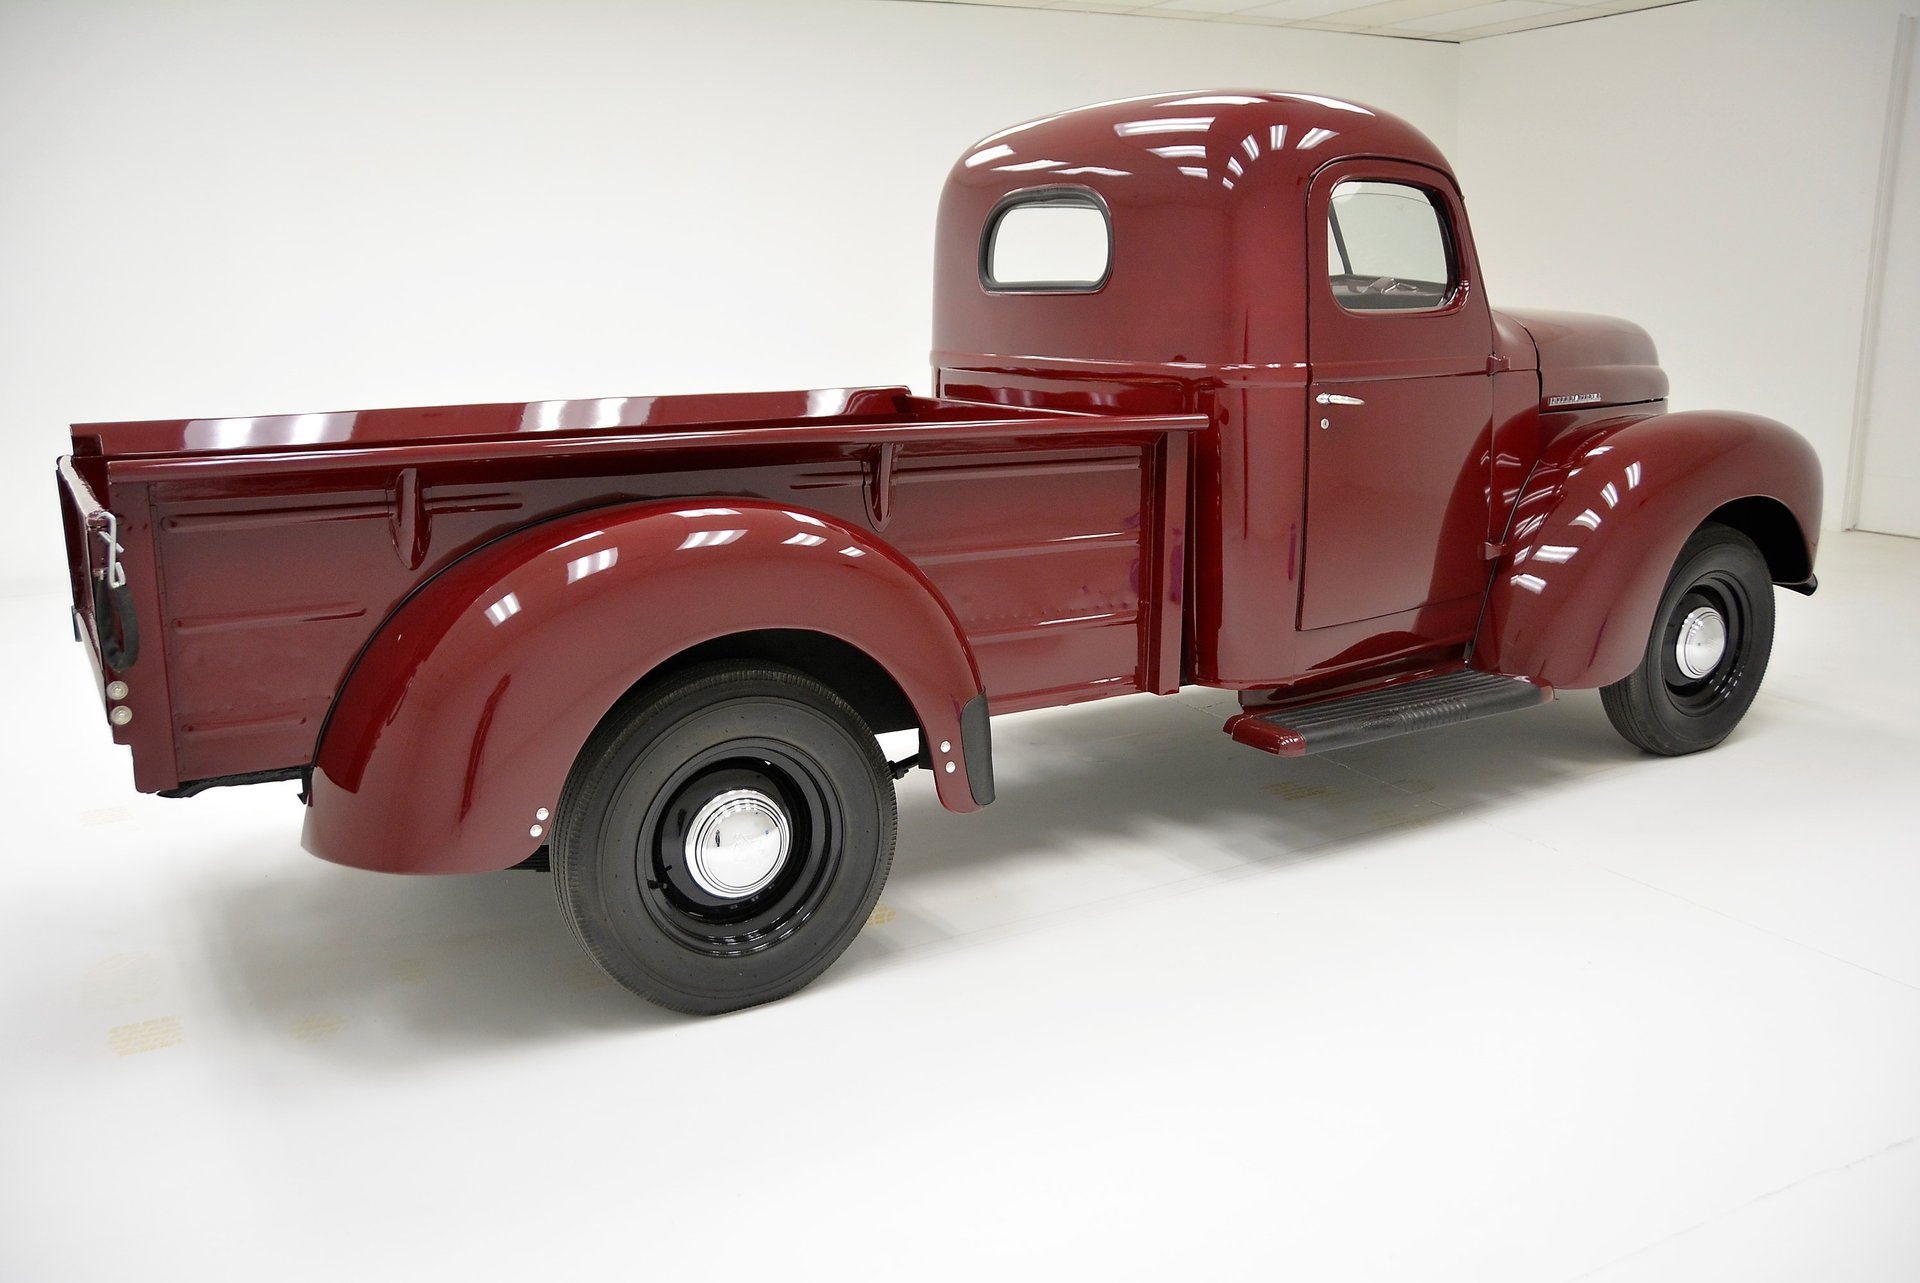 1941 International Model K Pickup Truck for sale #83278 | MCG